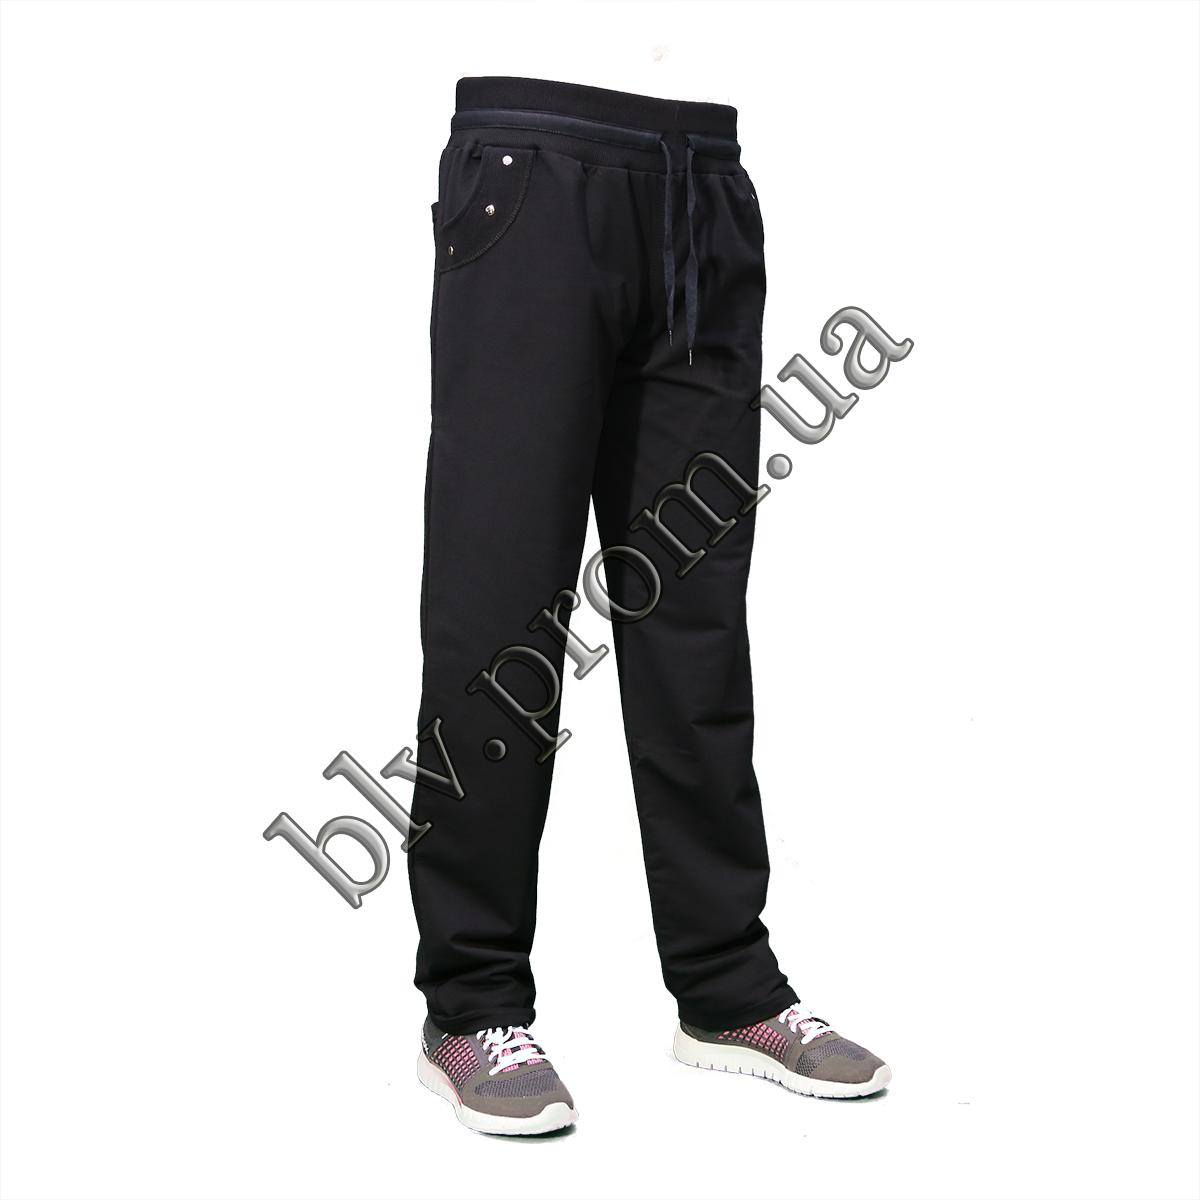 Теплые женские брюки пр-во Турция KD9764 Black